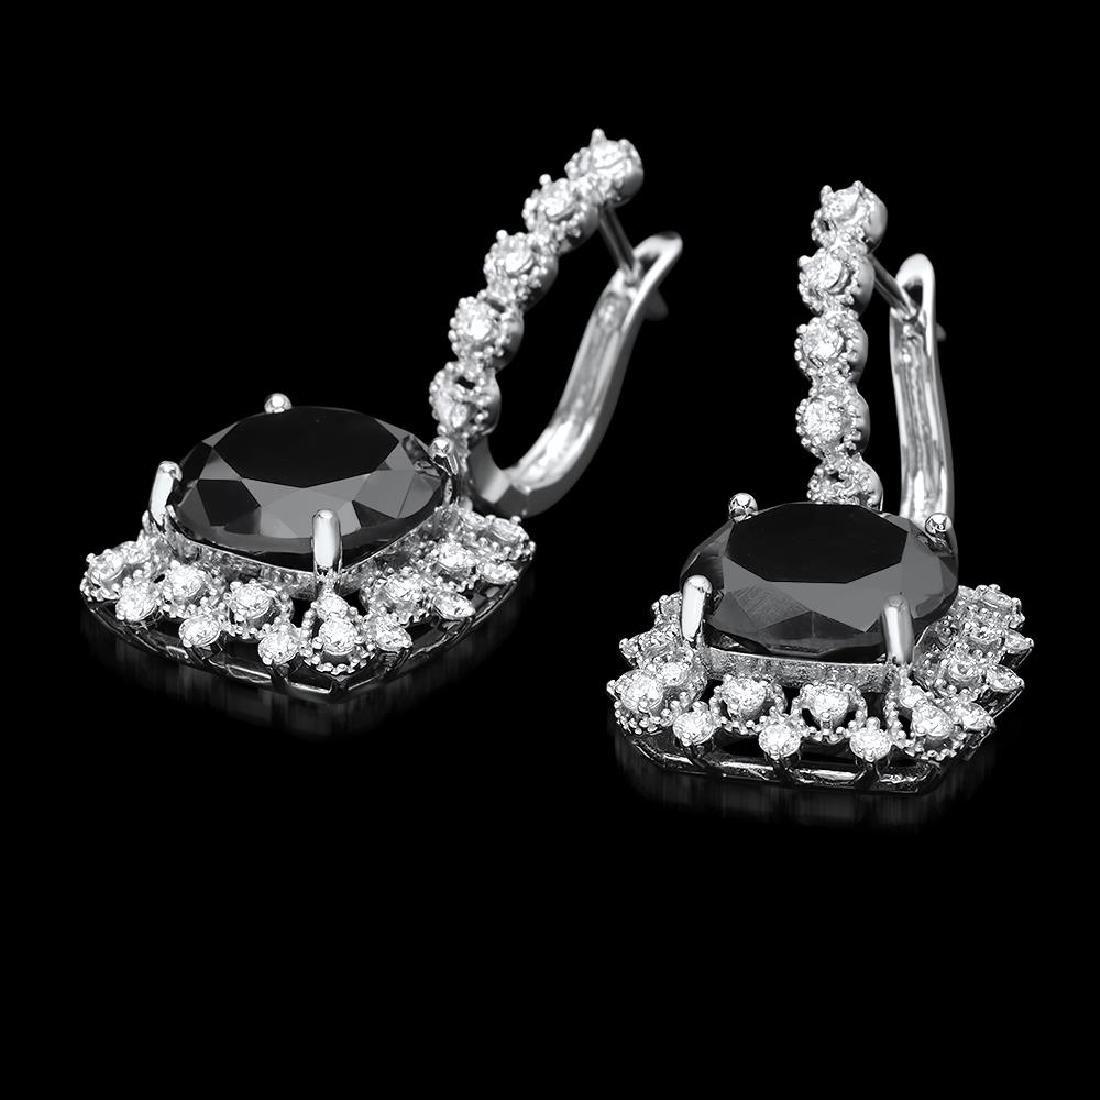 14k White Gold 13.88ct Diamond Earrings - 2